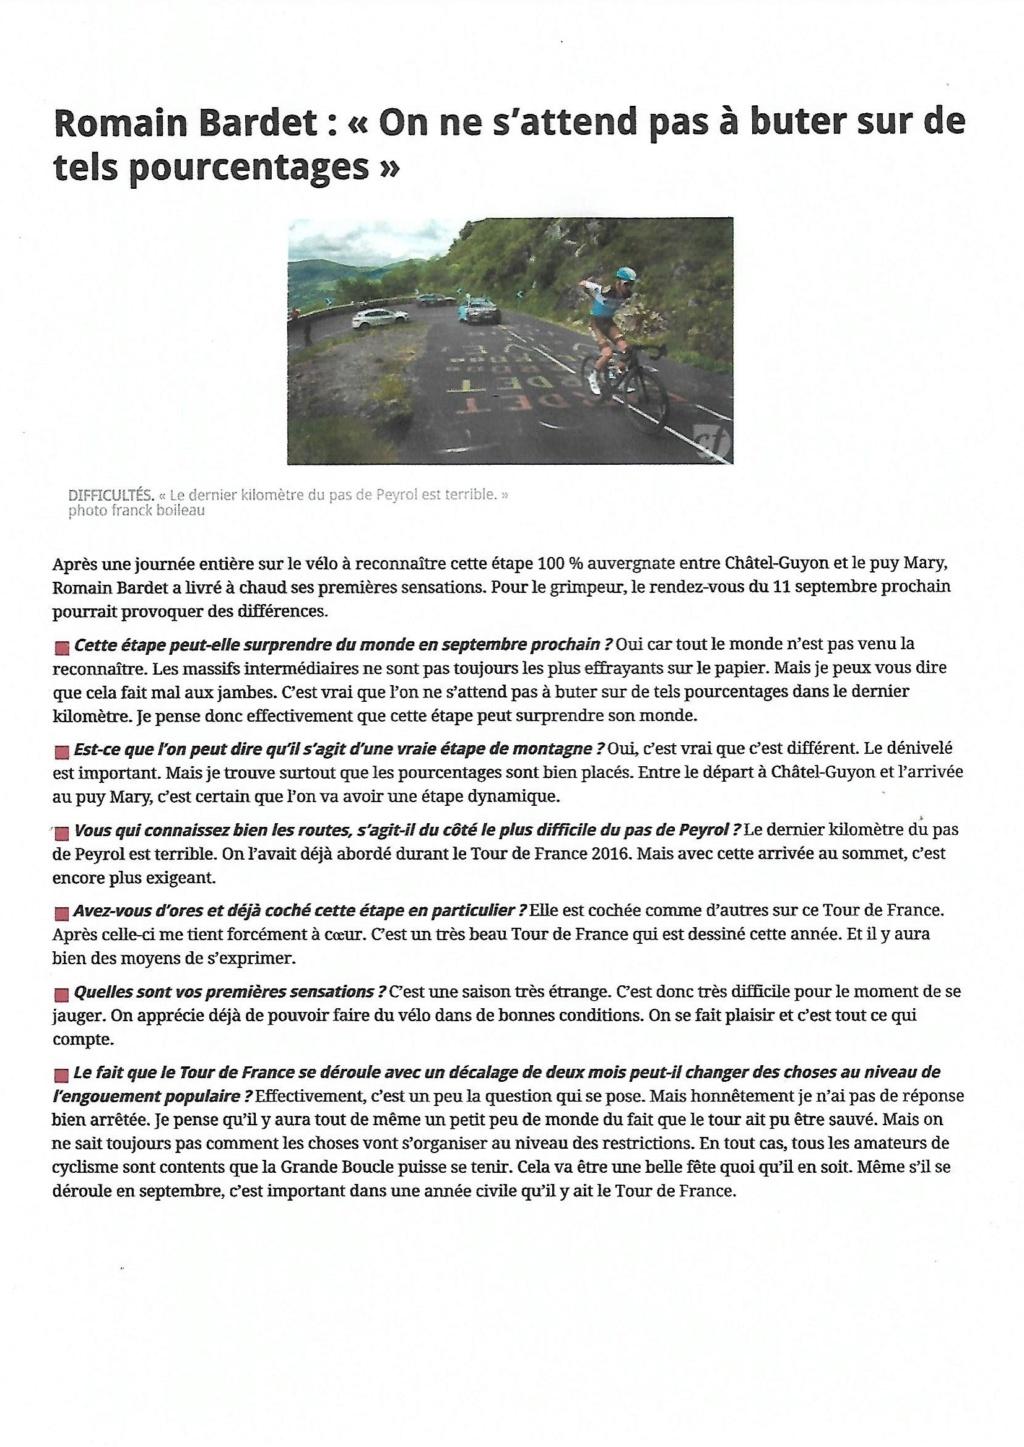 Tour de France 2020 : Arrivée au Pas de Peyrol (Puy Mary) - Page 6 Scan10